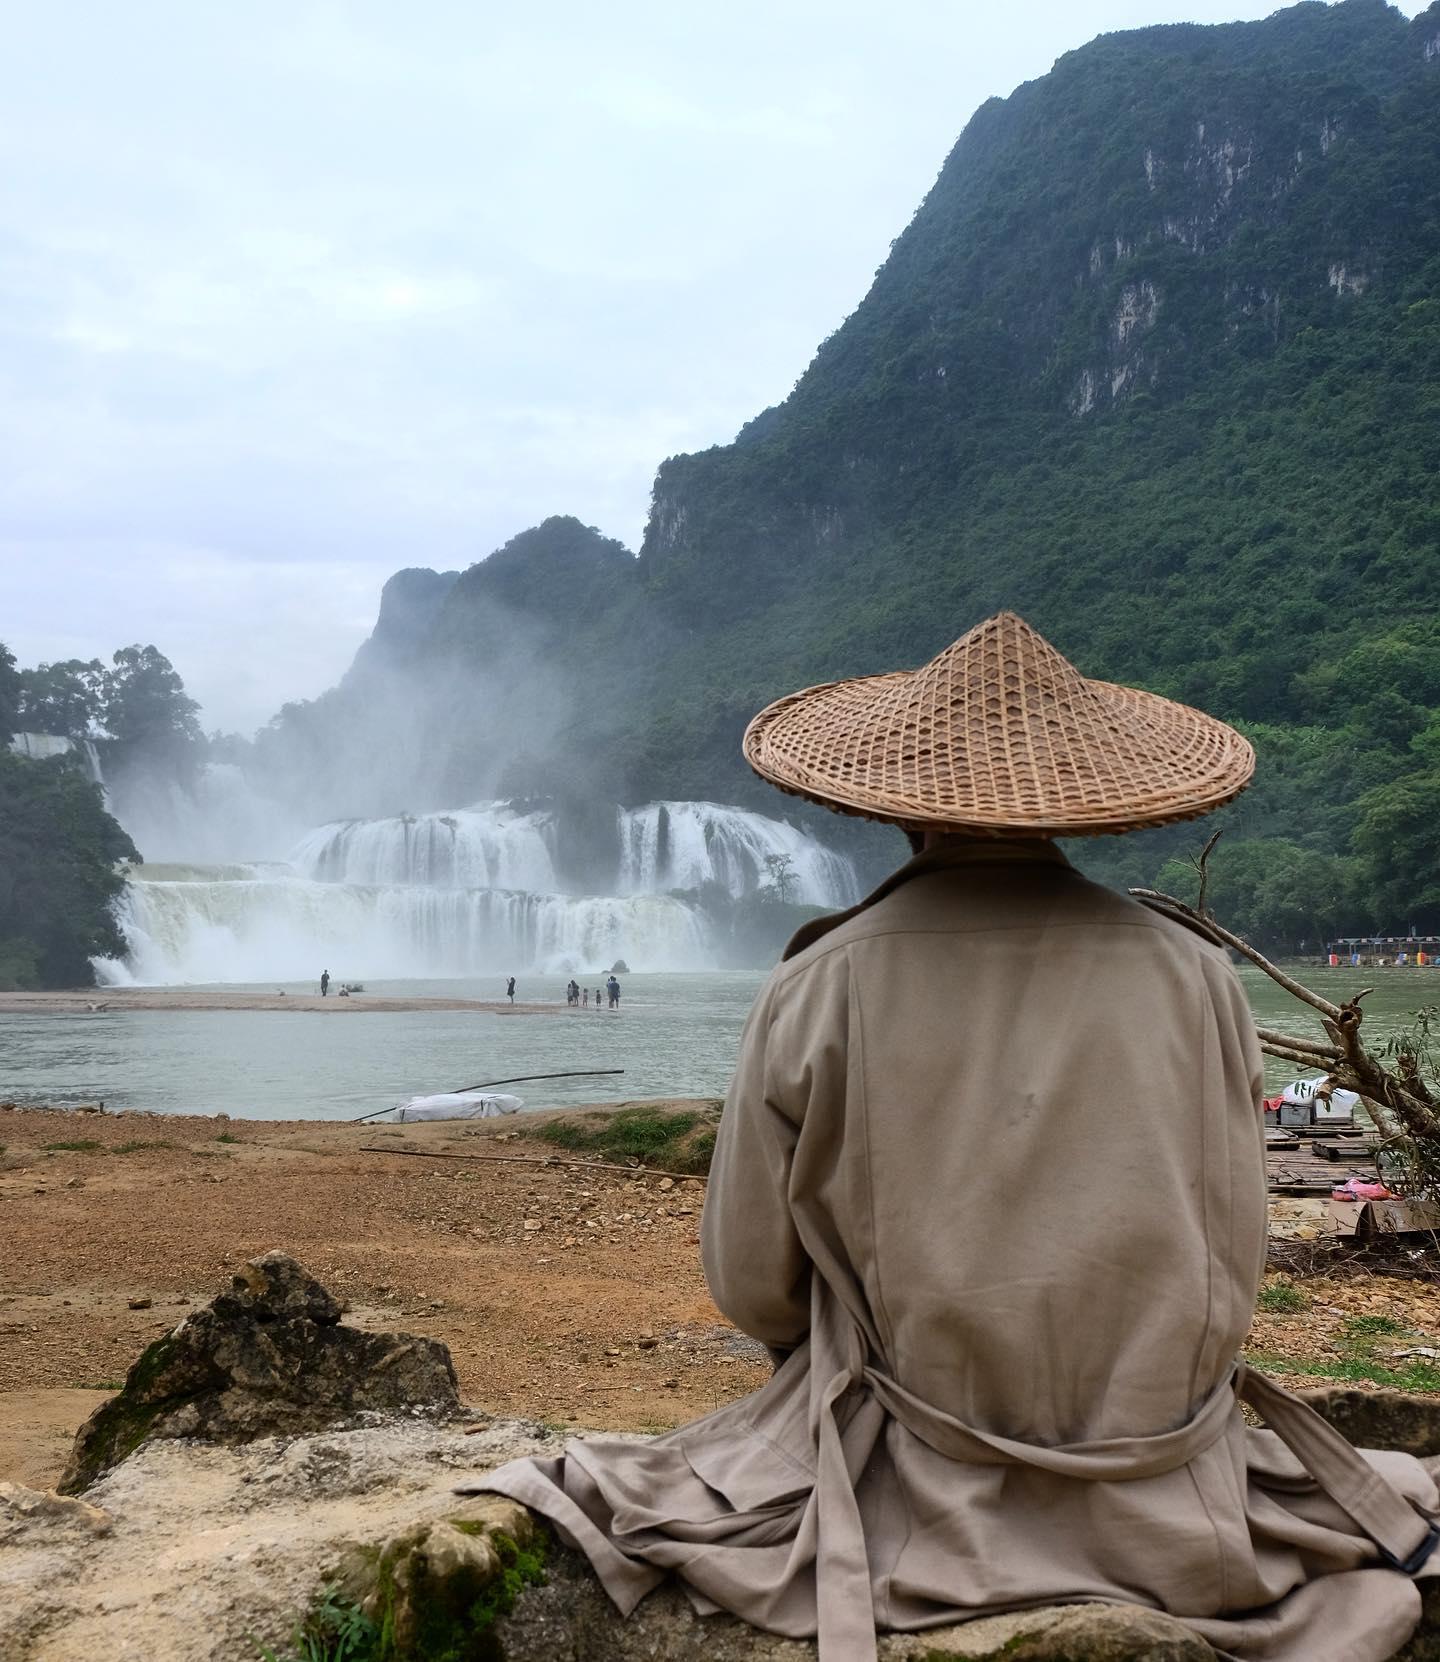 ban-gioc-waterfall-cao-bang-8